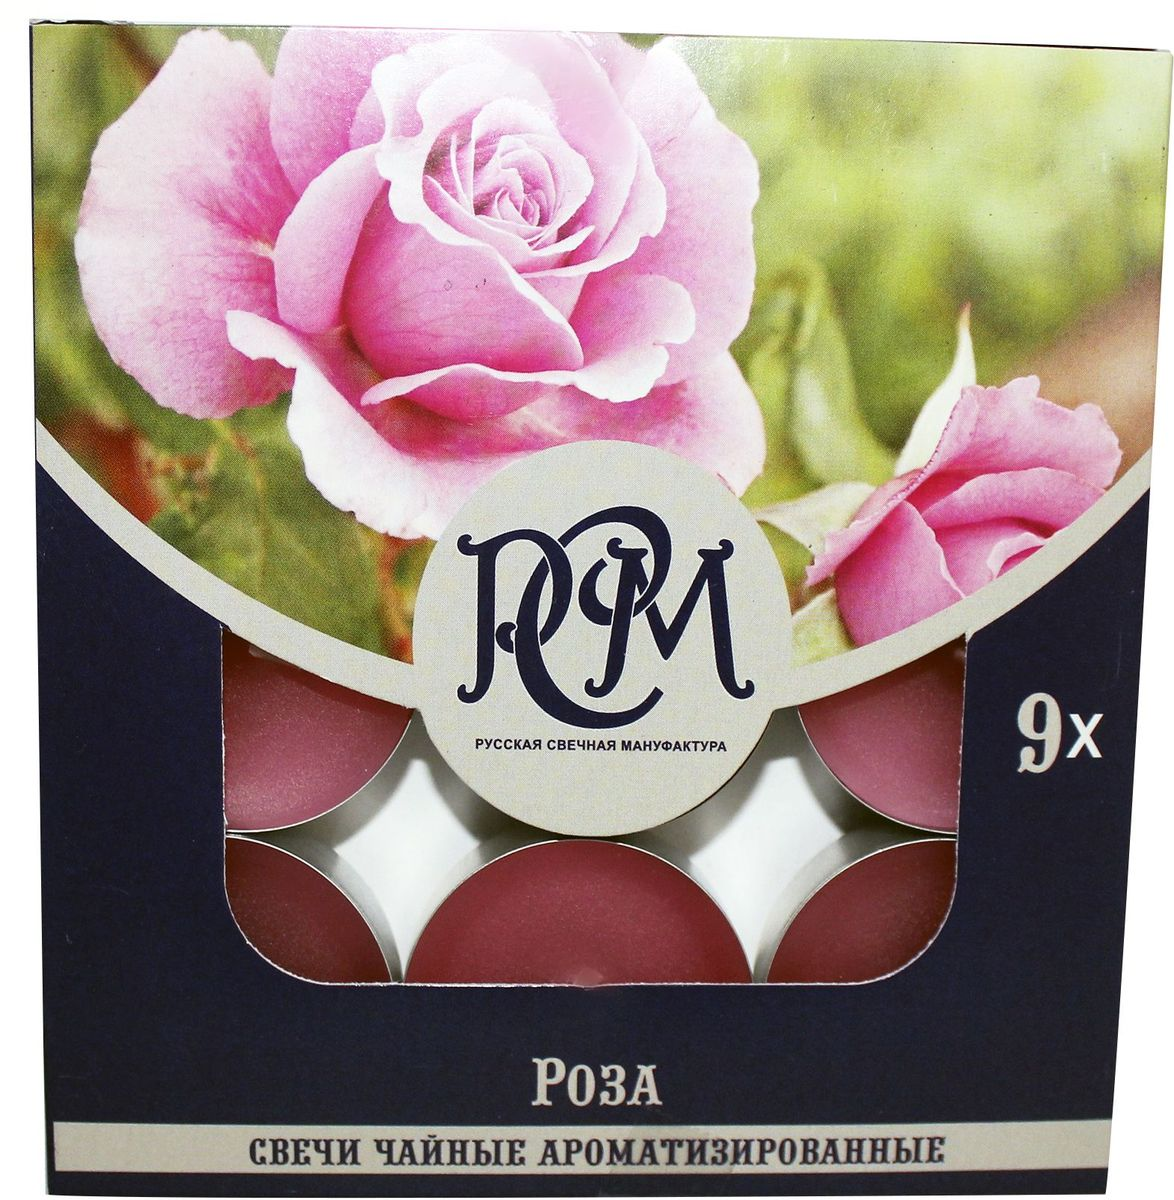 Свеча чайная Русская свечная мануфактура, роза, 9 штукБрелок для ключейСвечи ароматизированные